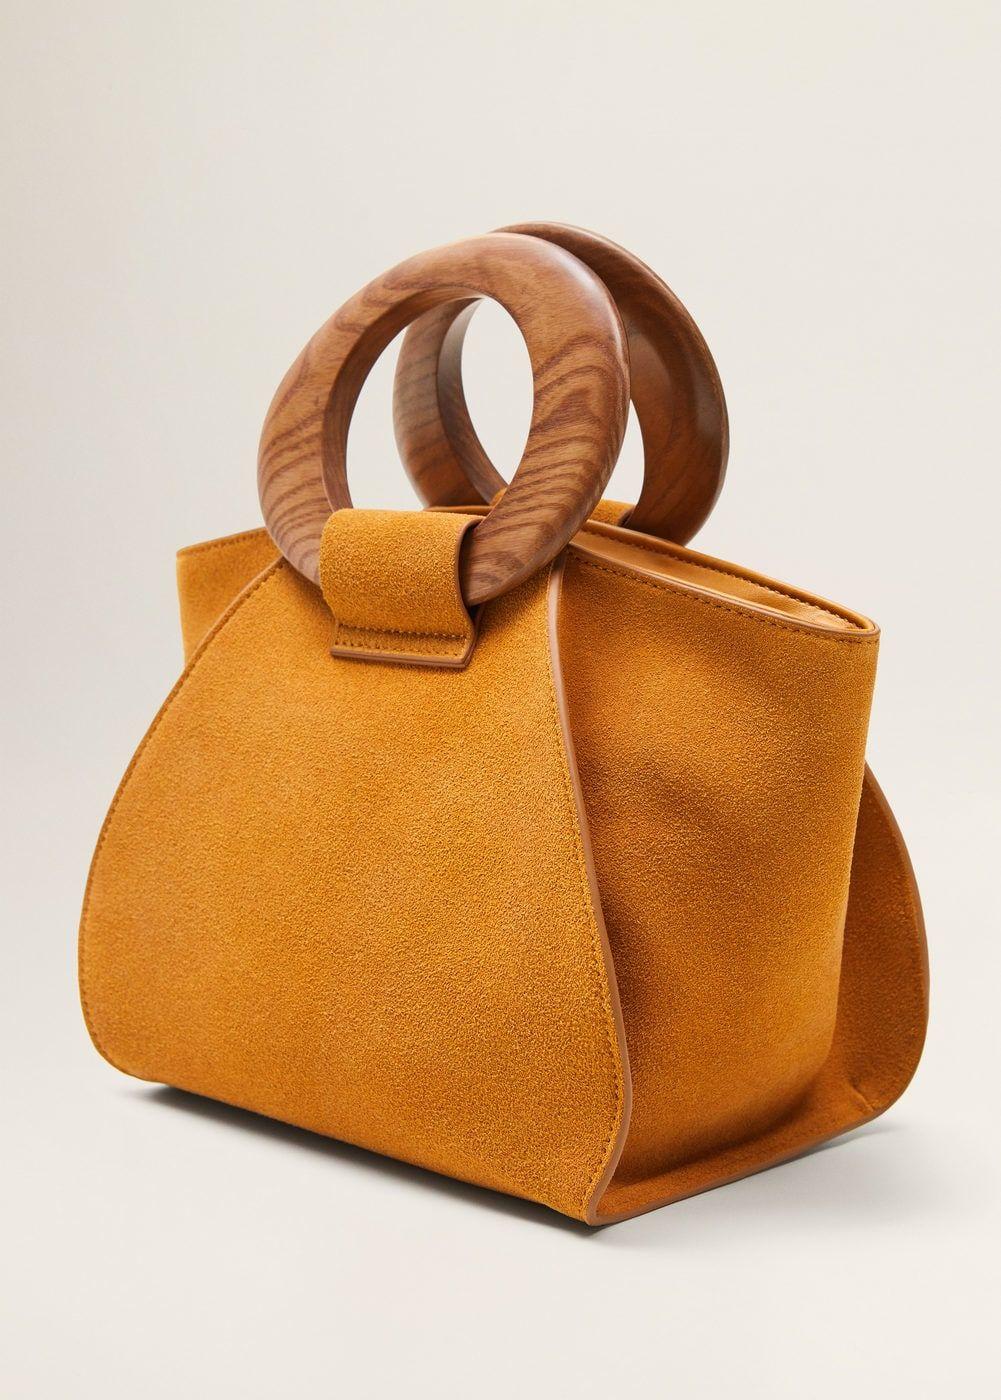 Ledertasche Mit Holzgriff Damen Taschen Taschen